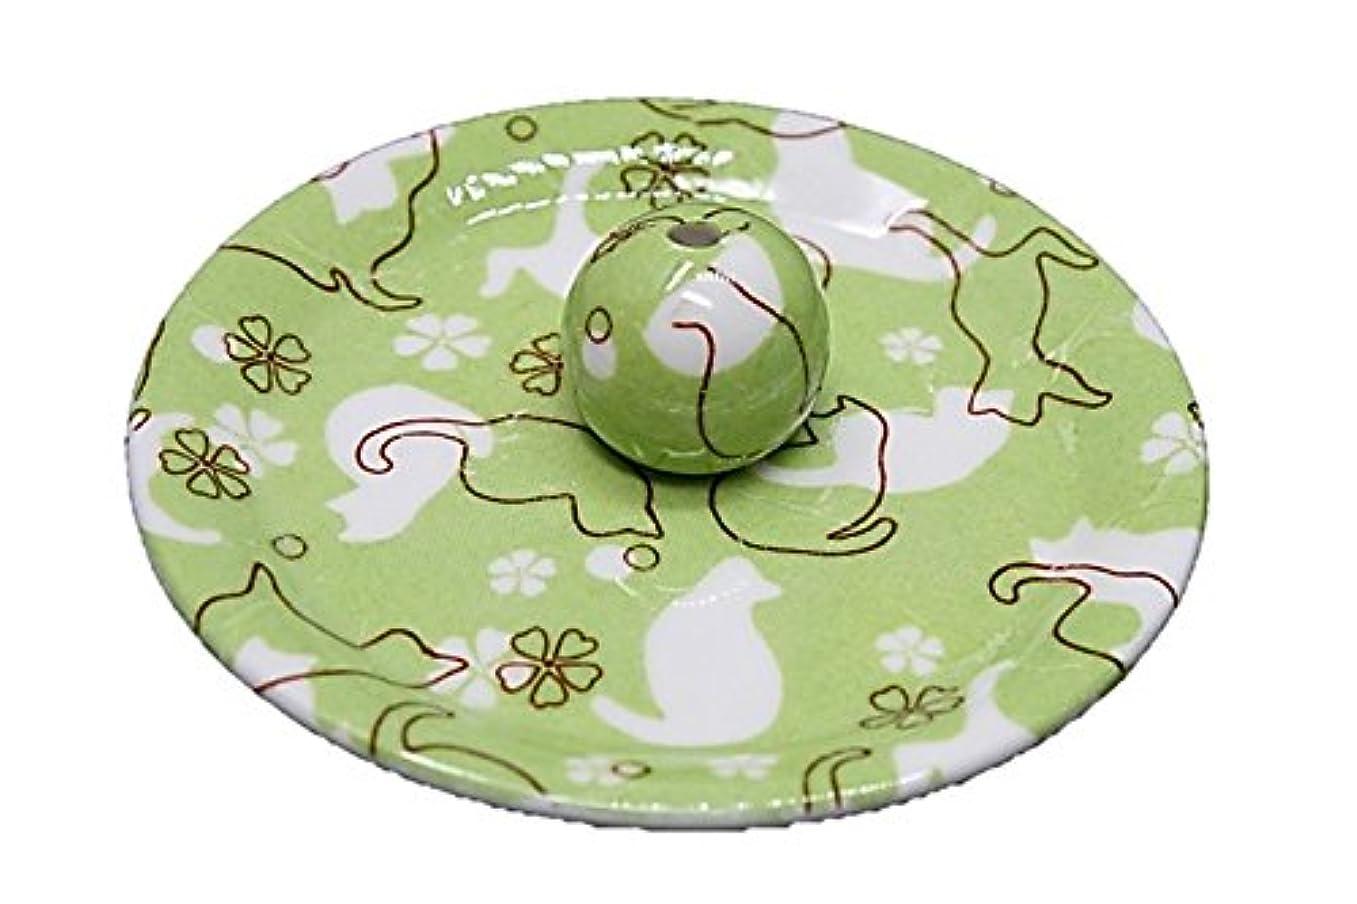 便益唇克服する9-47 ねこランド(グリーン) 9cm香皿 日本製 お香立て 陶器 猫柄